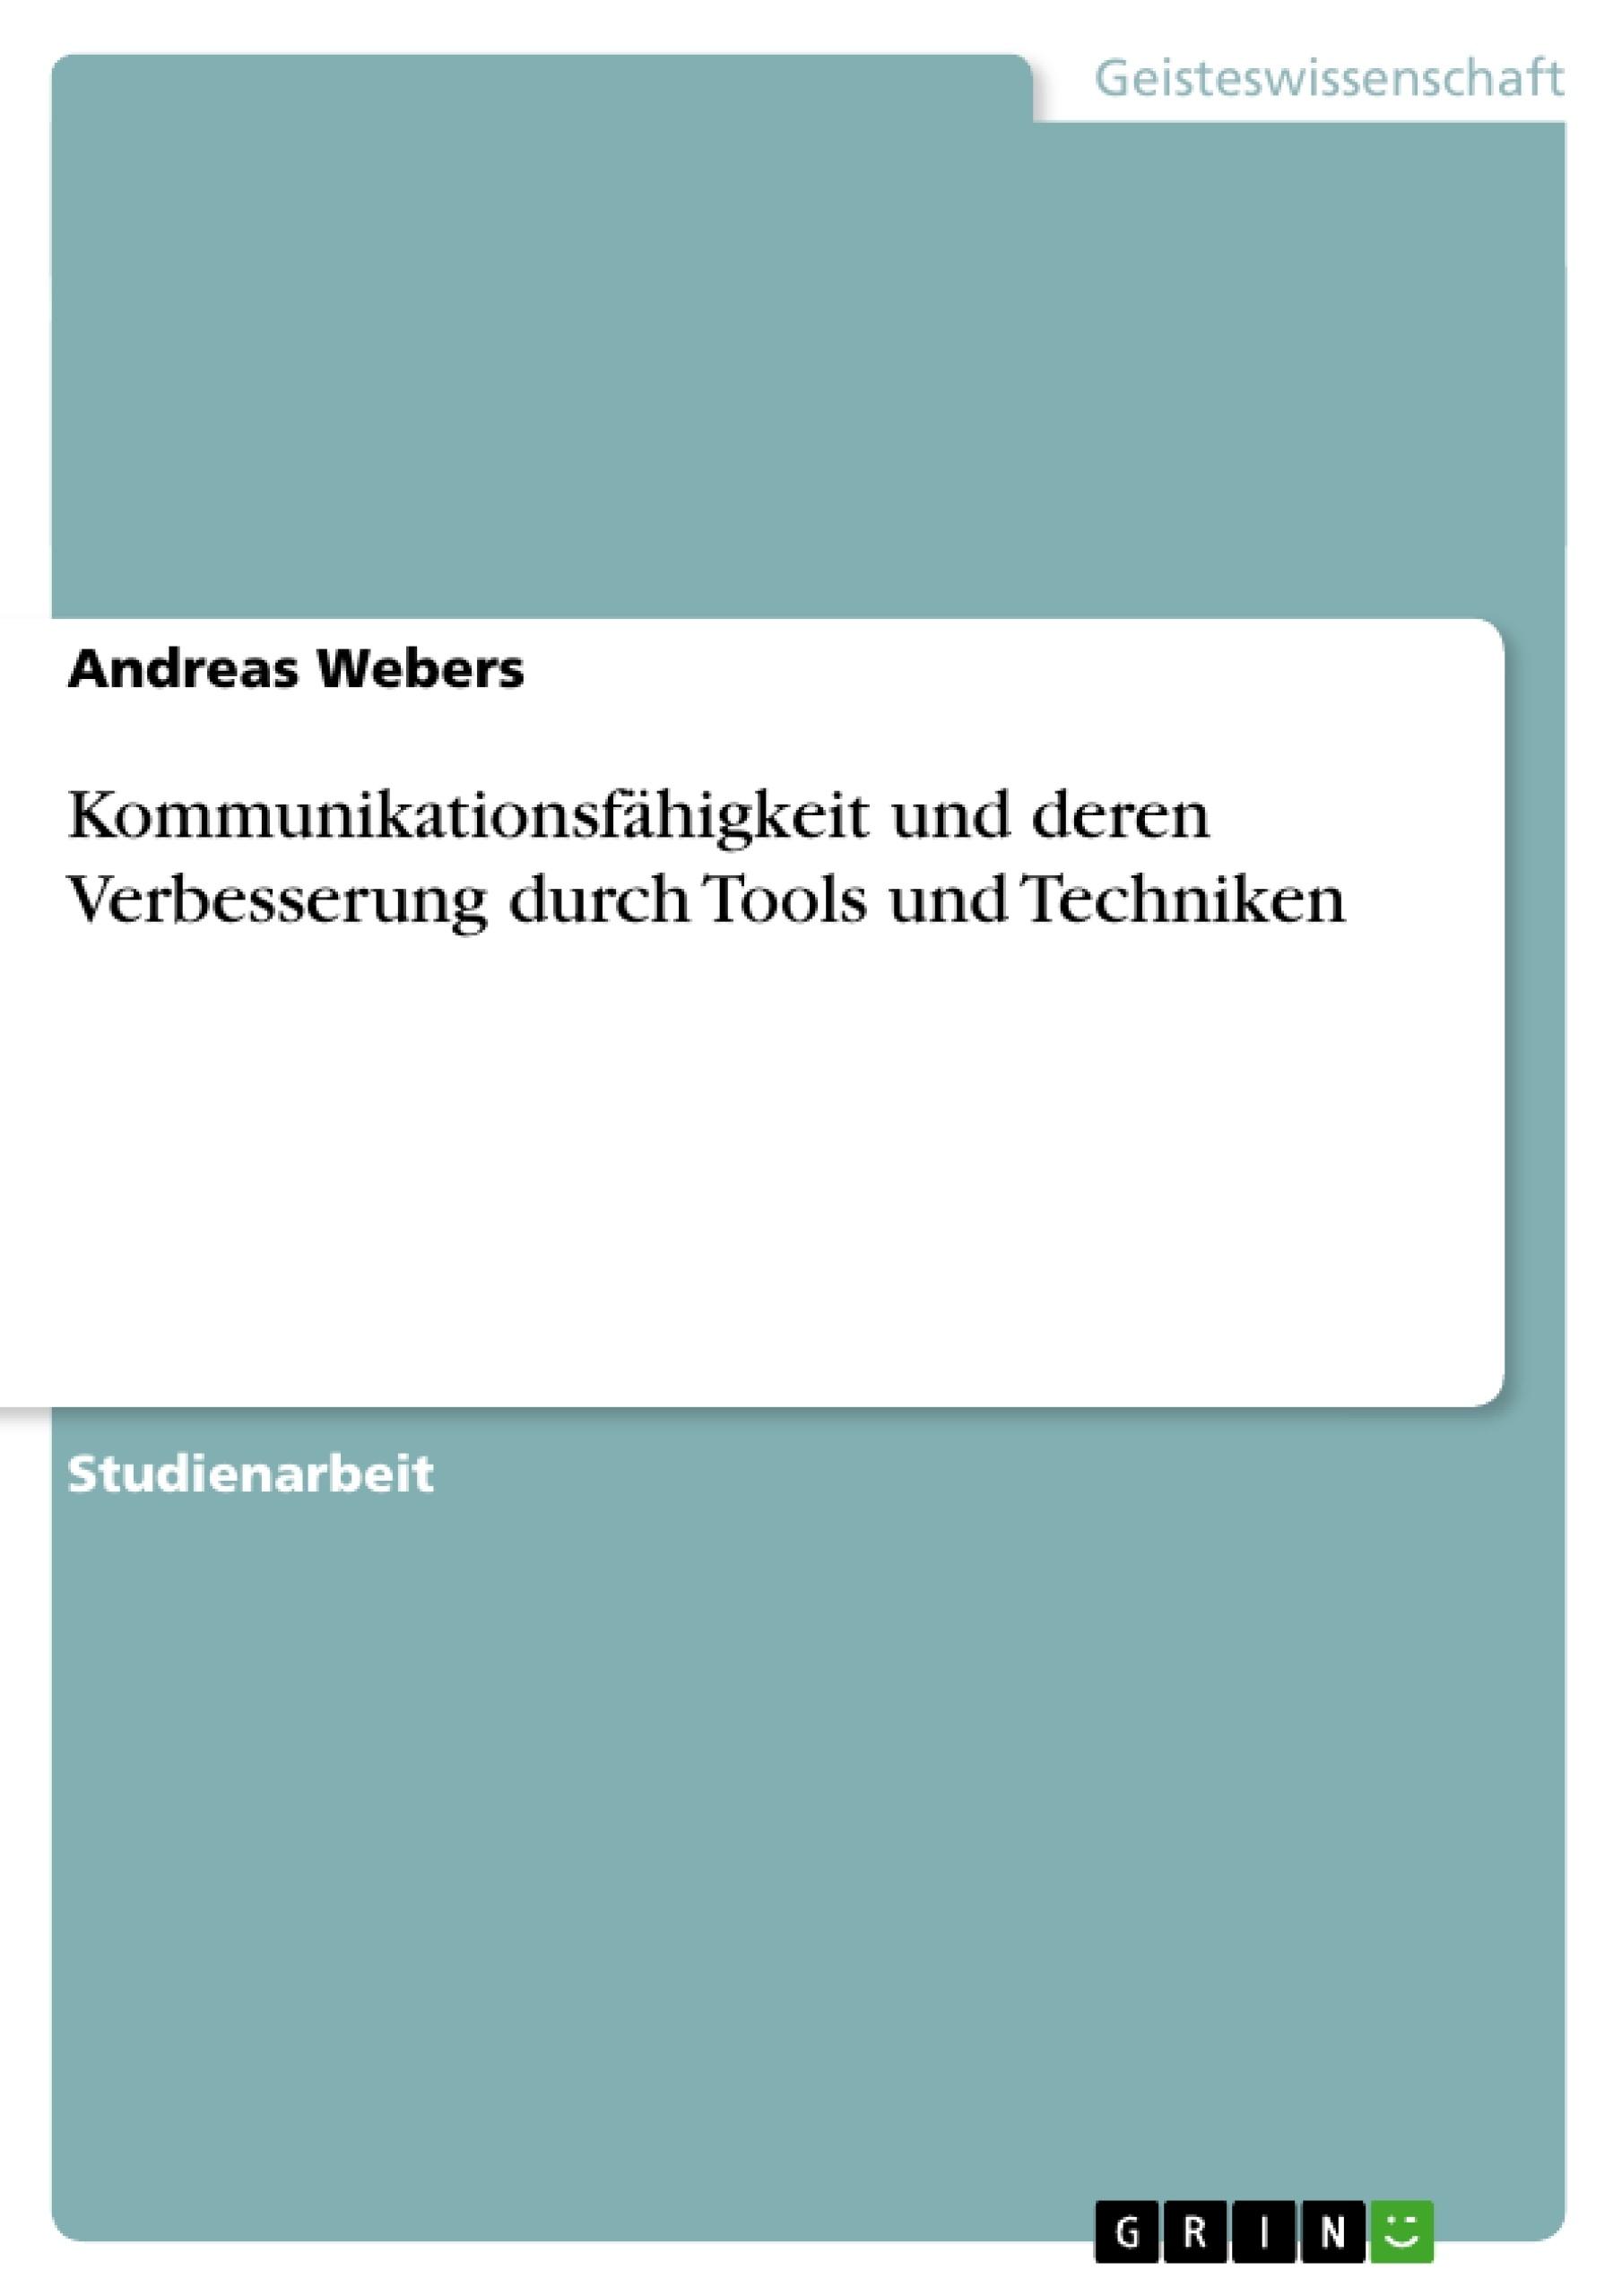 Titel: Kommunikationsfähigkeit und deren Verbesserung durch Tools und Techniken